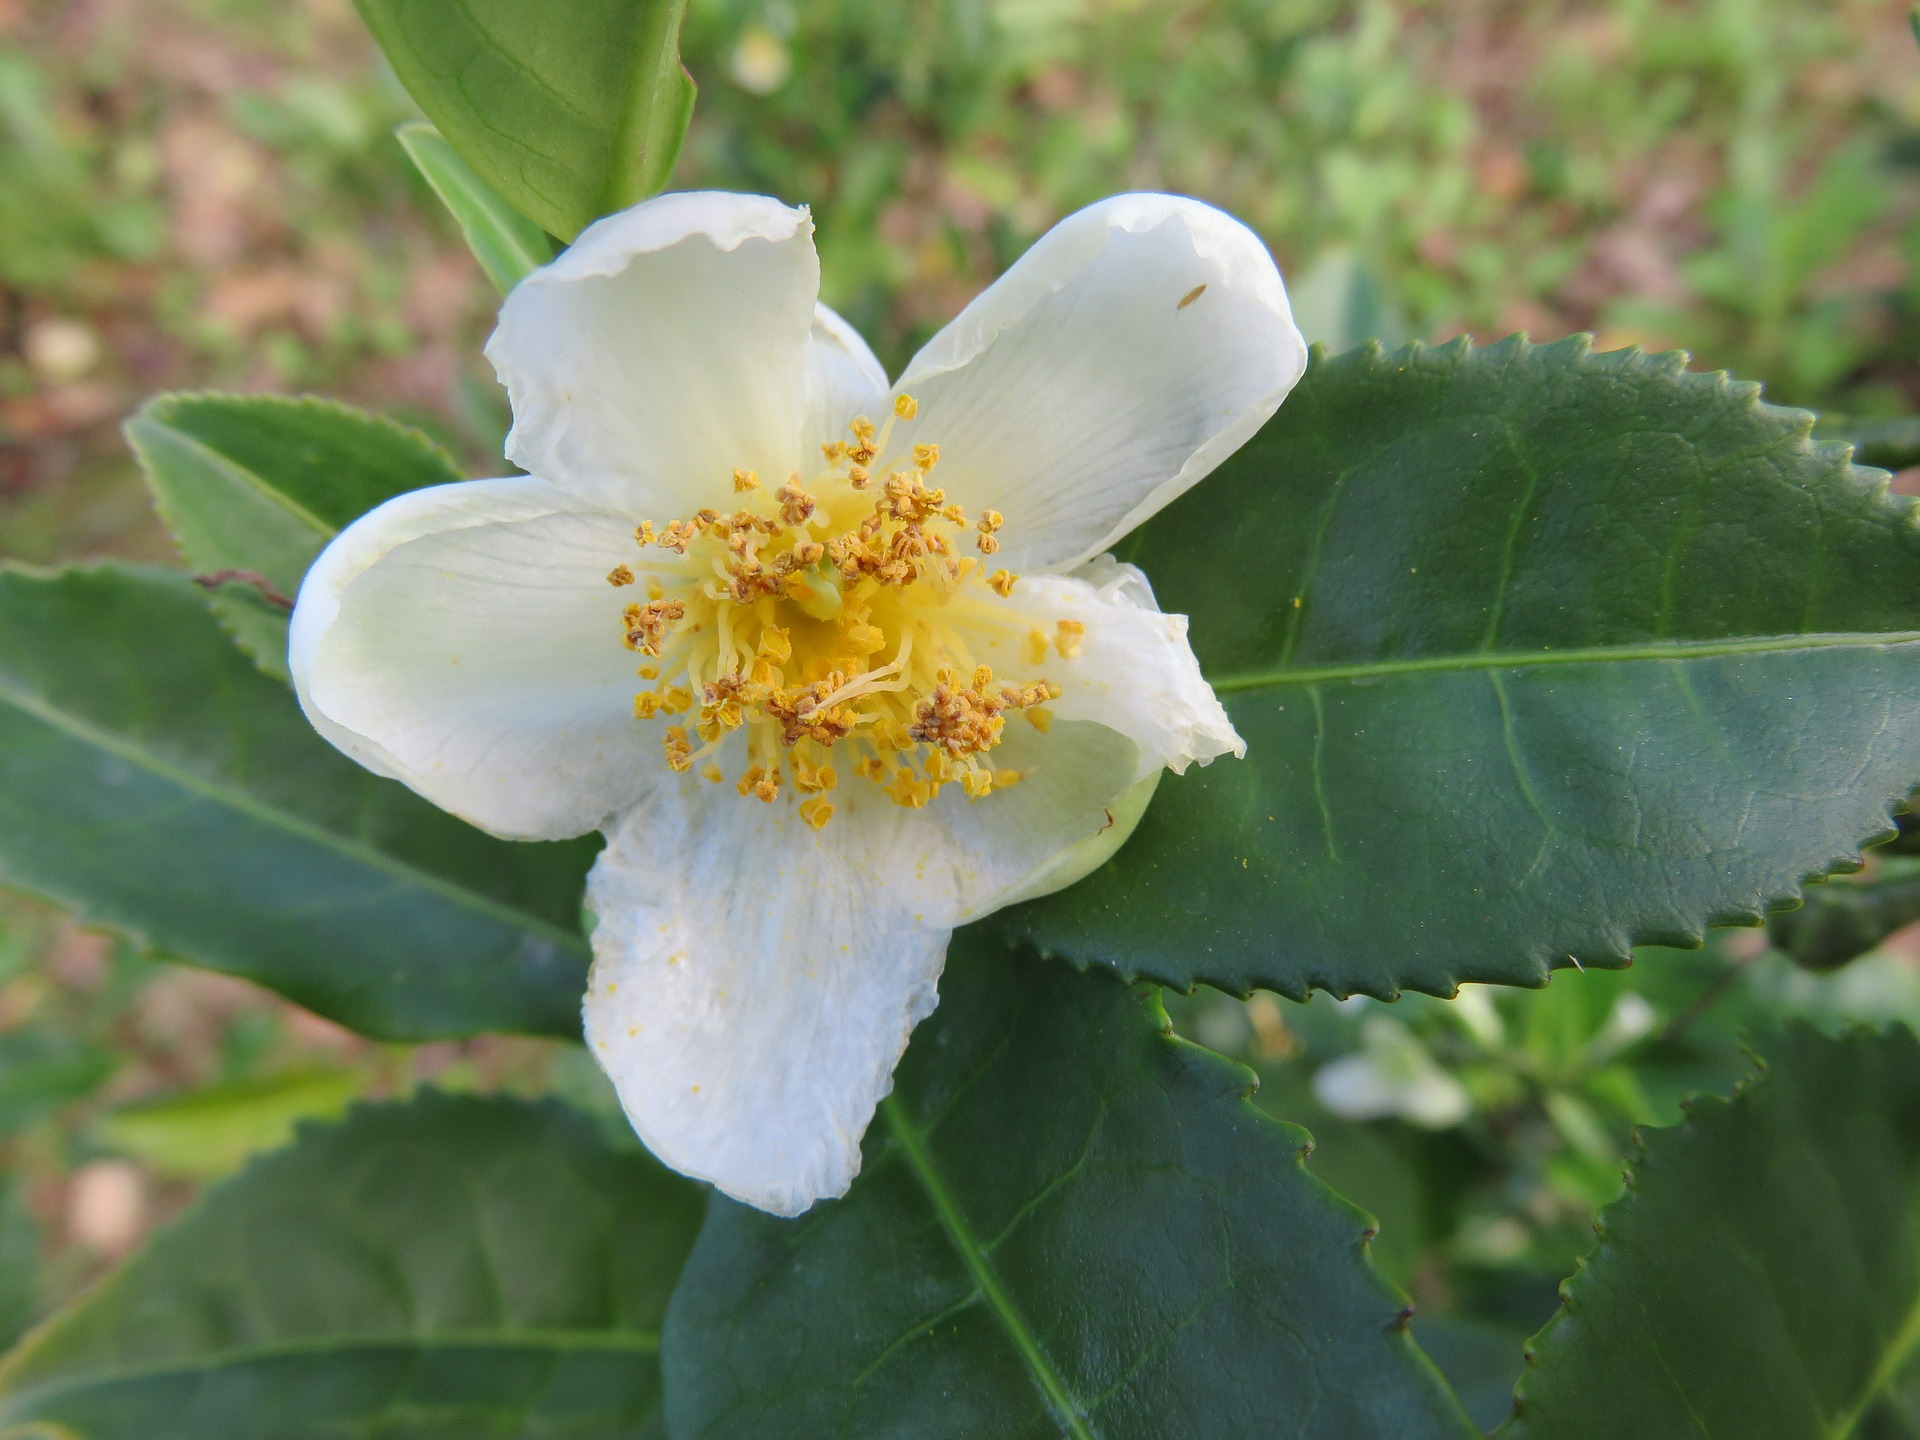 blossom-549648_1920.jpg